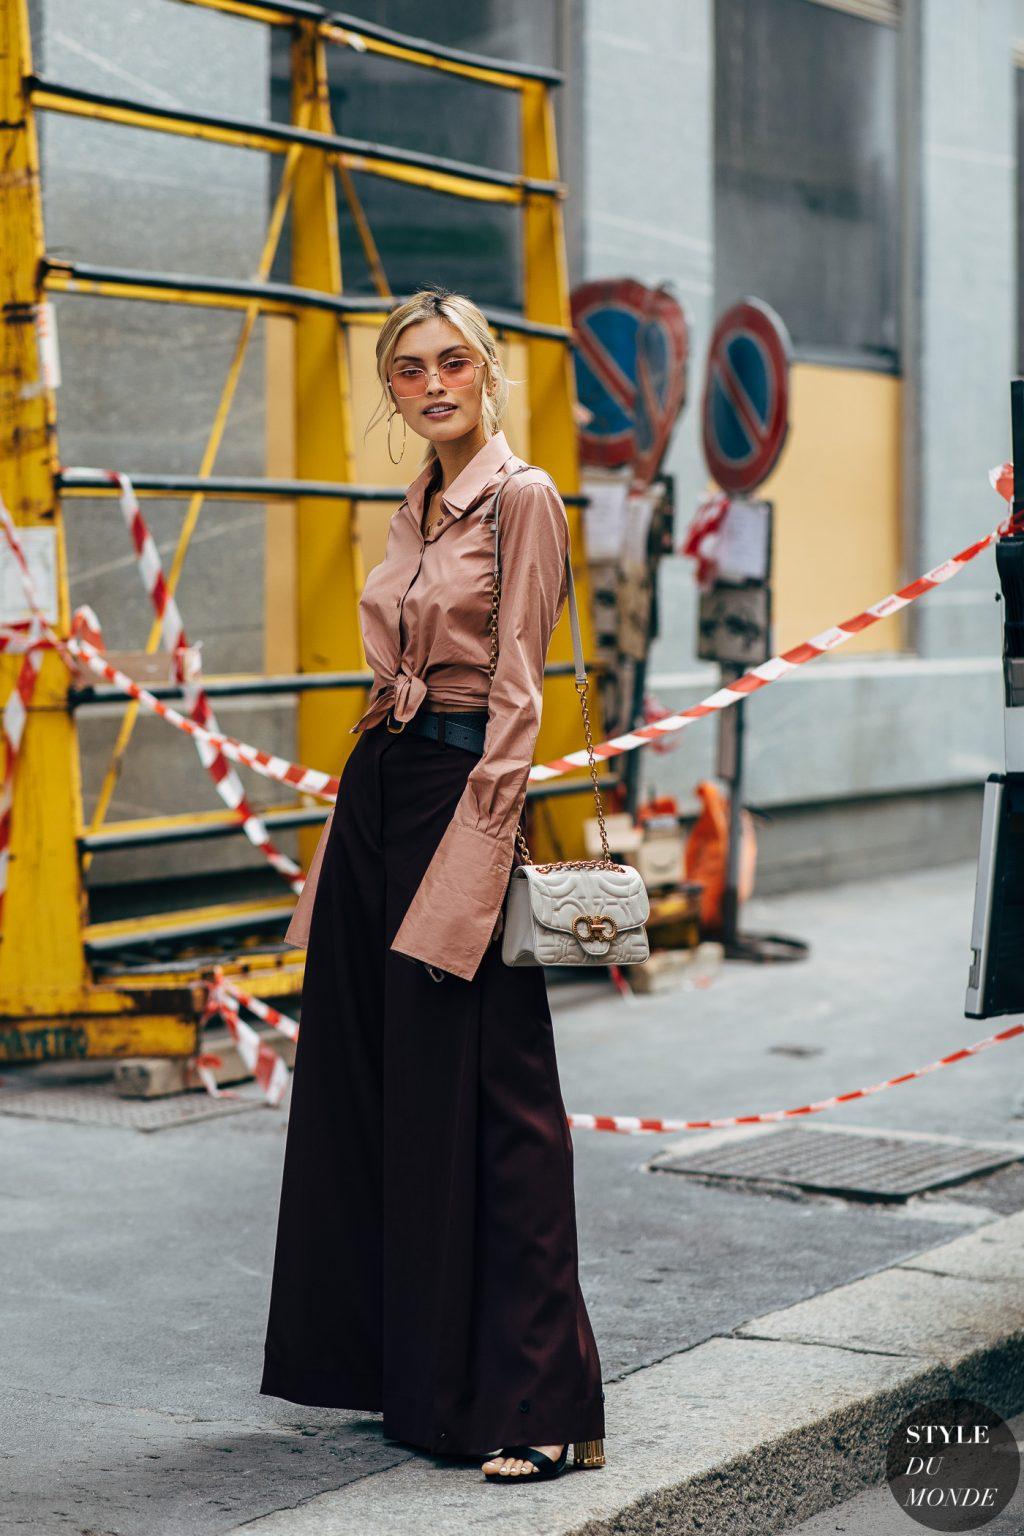 Xây dựng phong cách thời trang tuổi 30 - Những nguyên tắc cơ bản cần nhớ - Hình 6